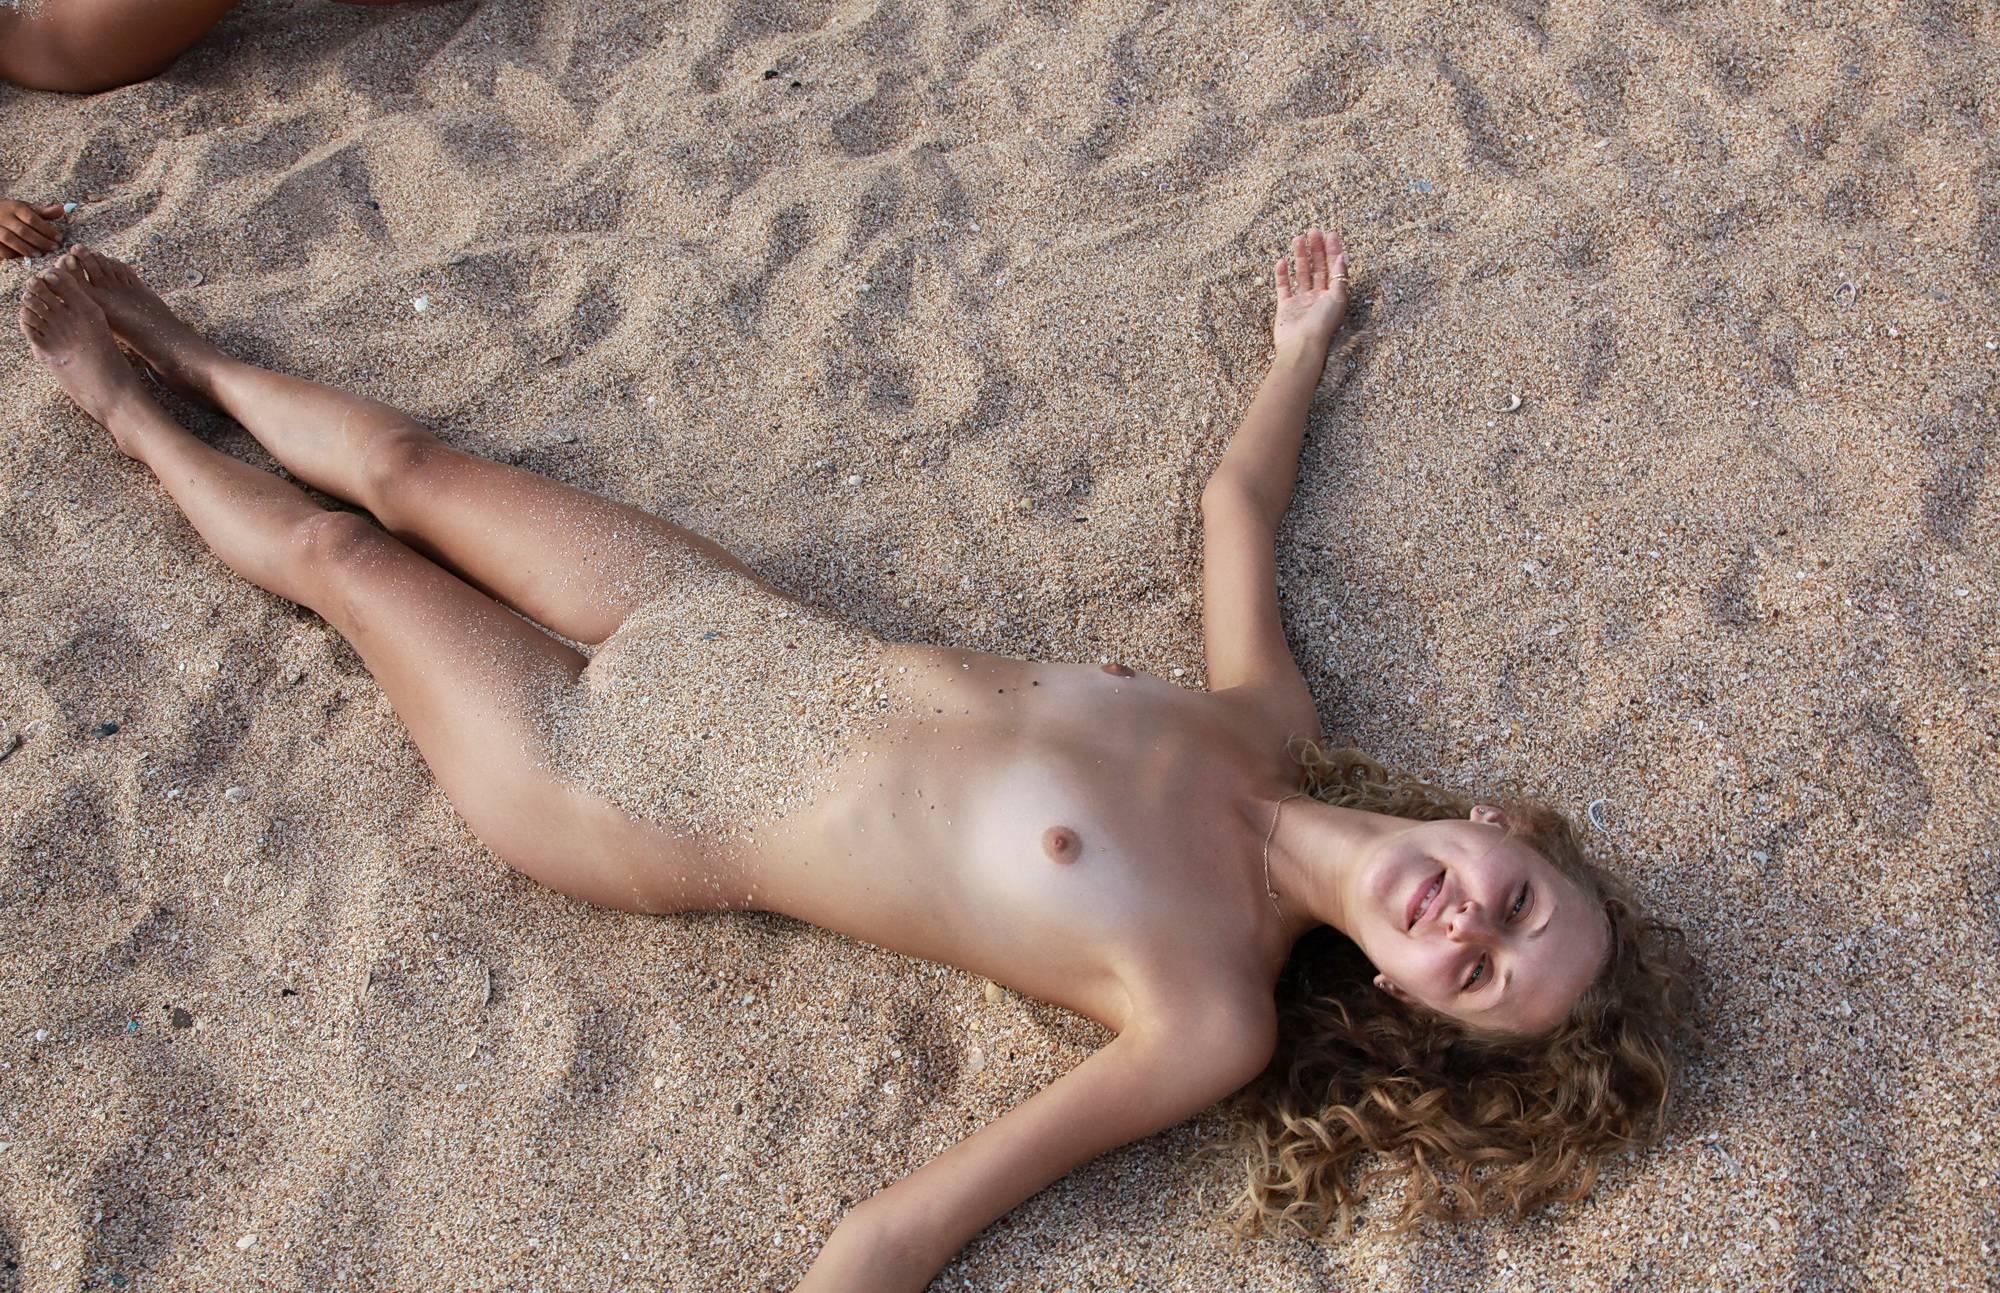 Sandy Nudists Relaxing - 1